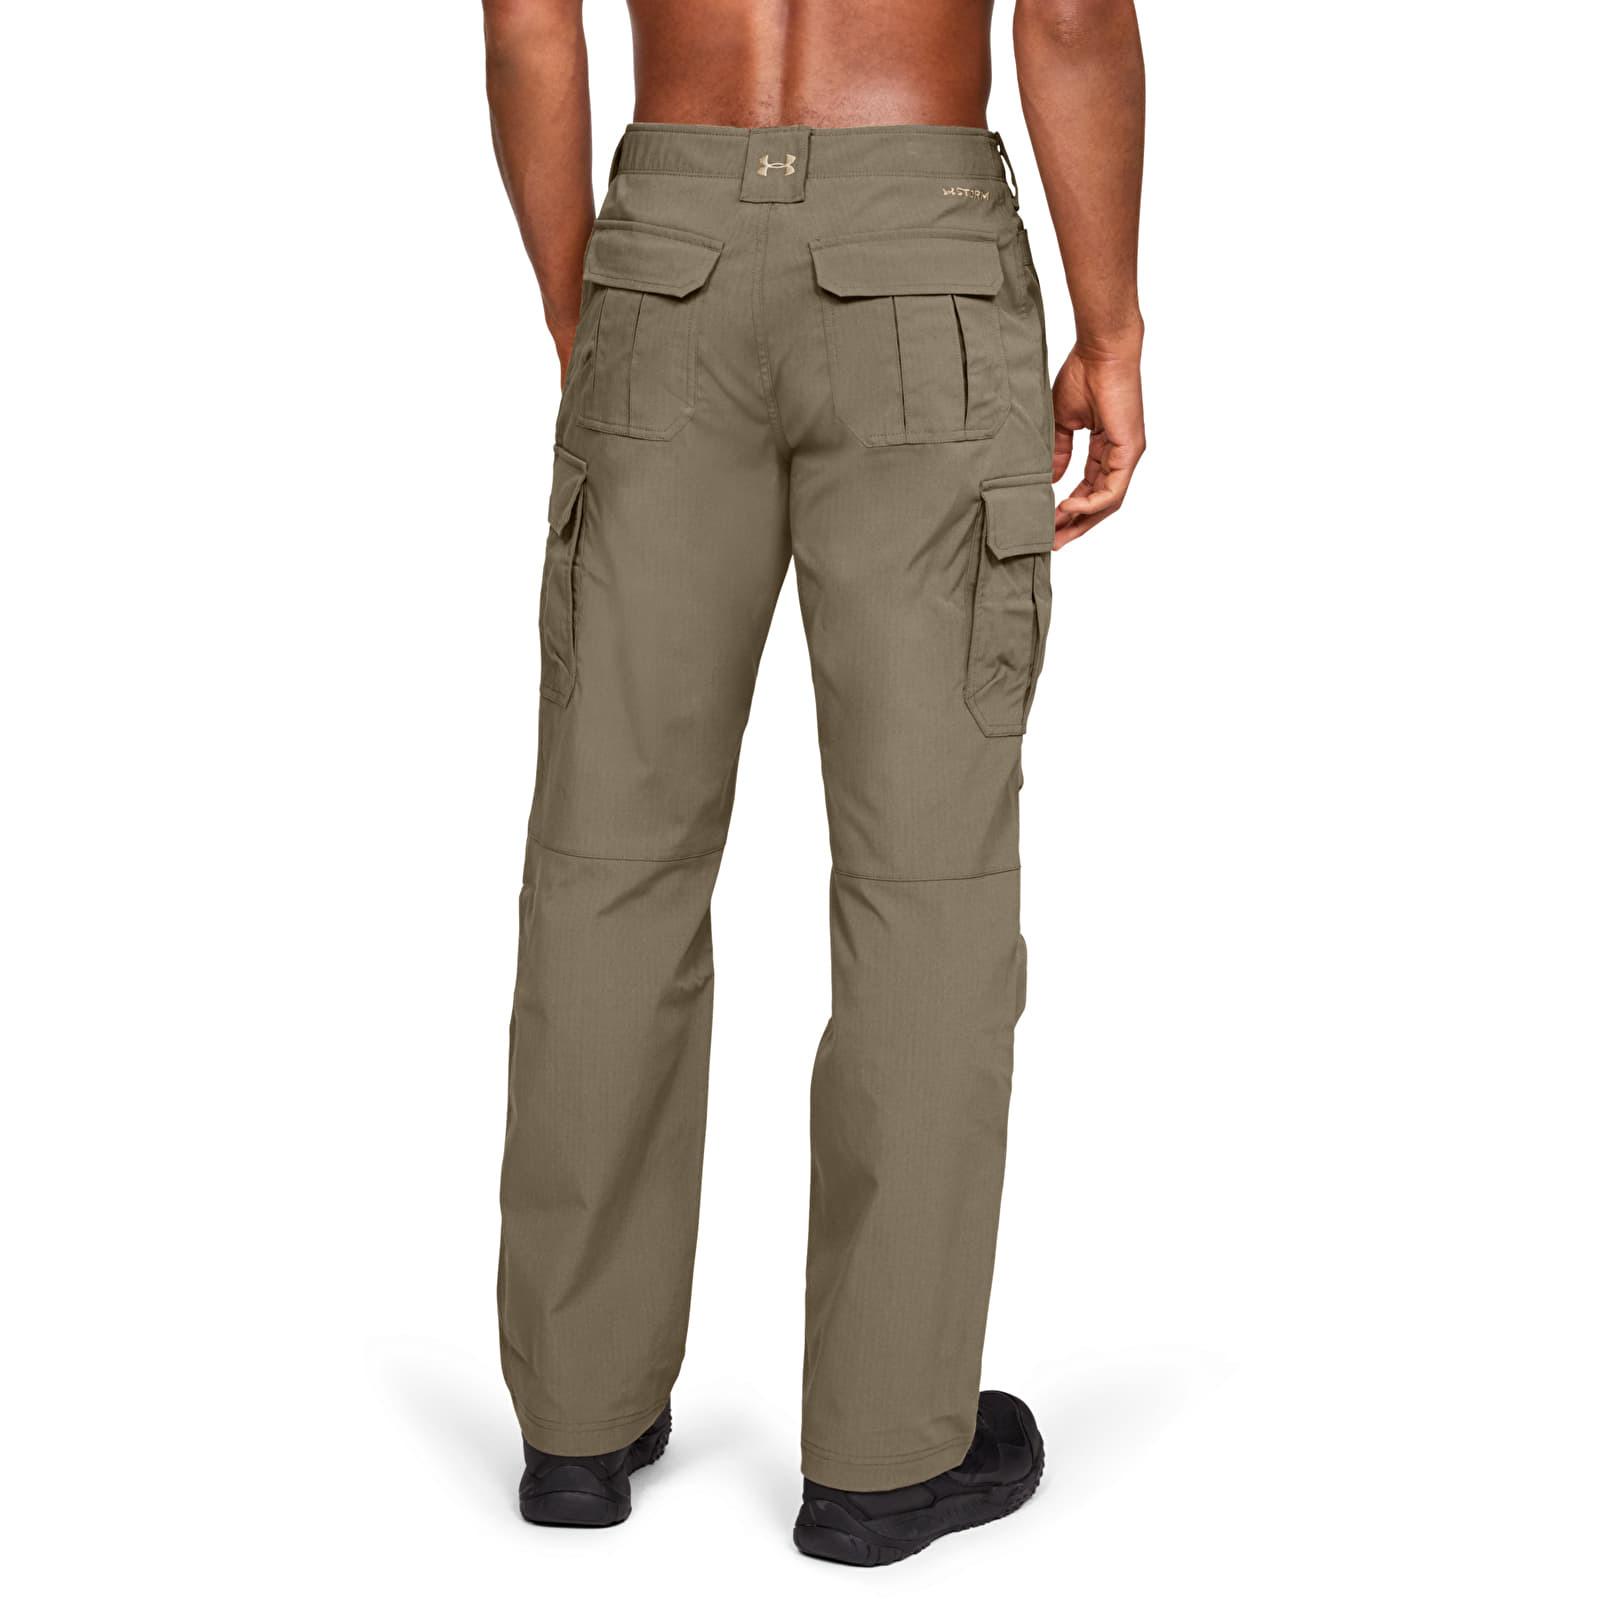 Under Armour Tac Patrol Pant Ii Brown